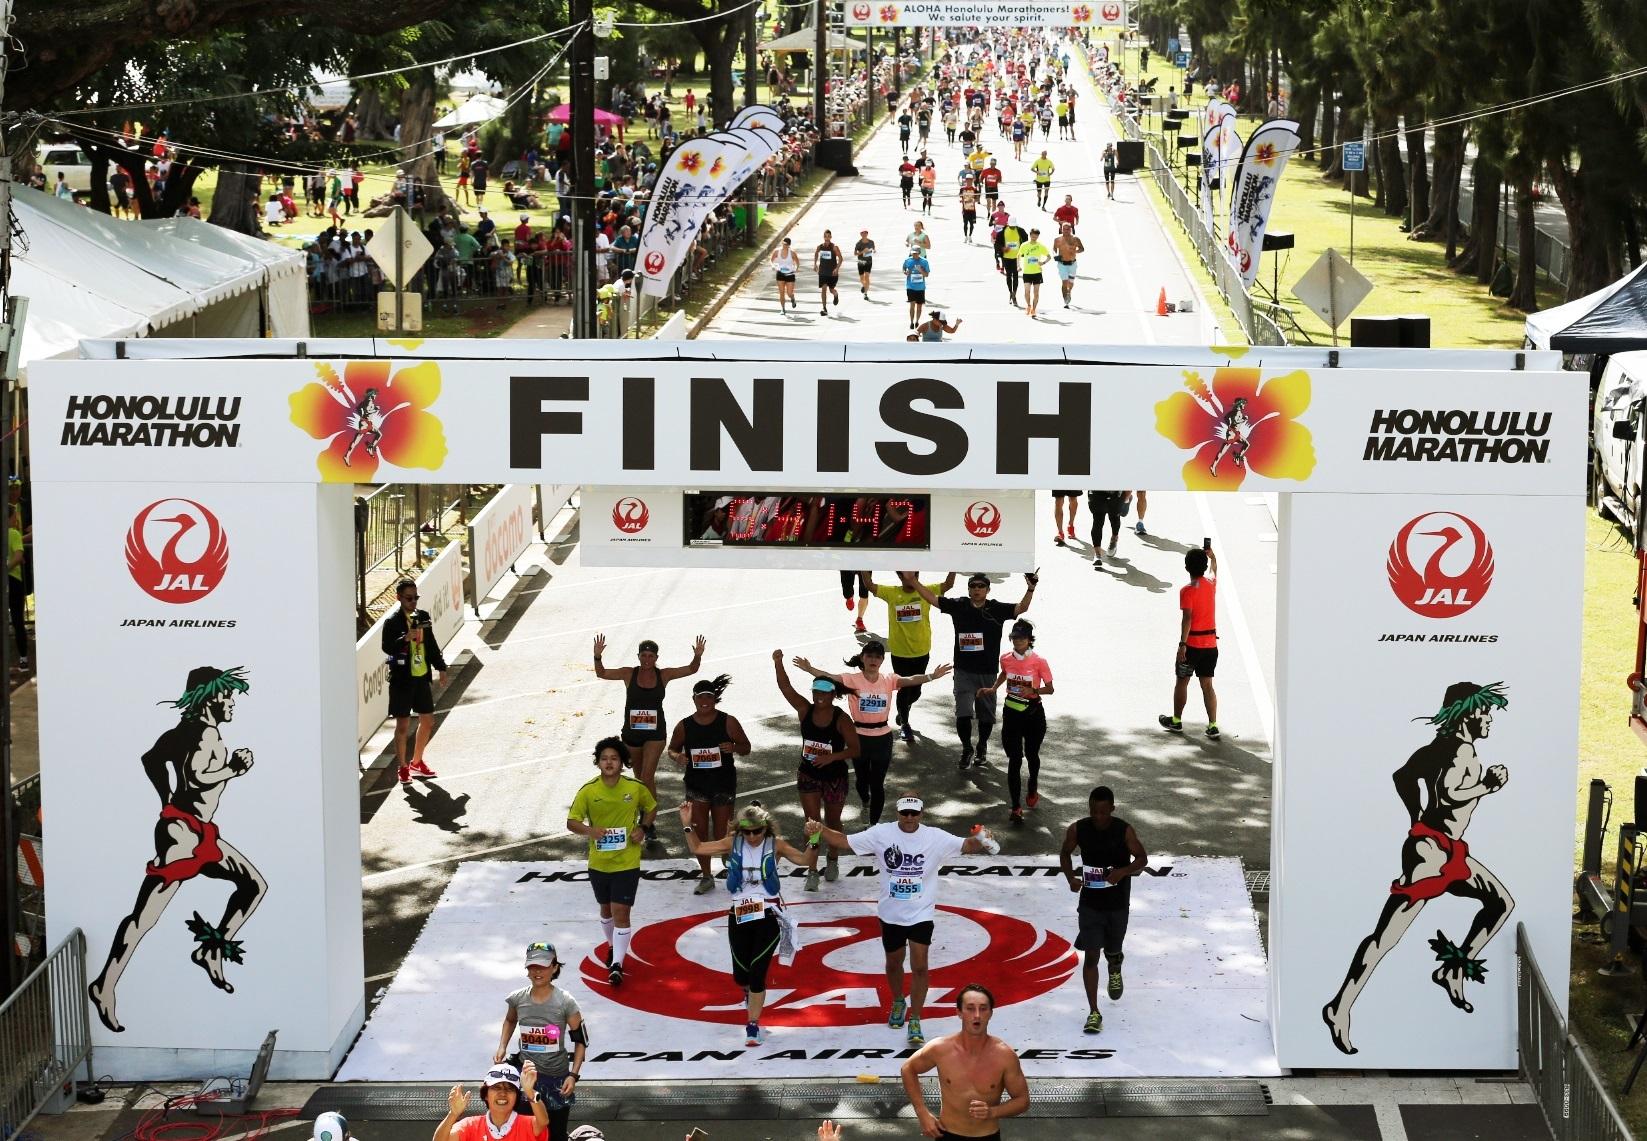 日本人が最も多く参加する海外マラソン JALホノルルマラソン2019年12月8日(日)開催  第1期エントリー募集開始!